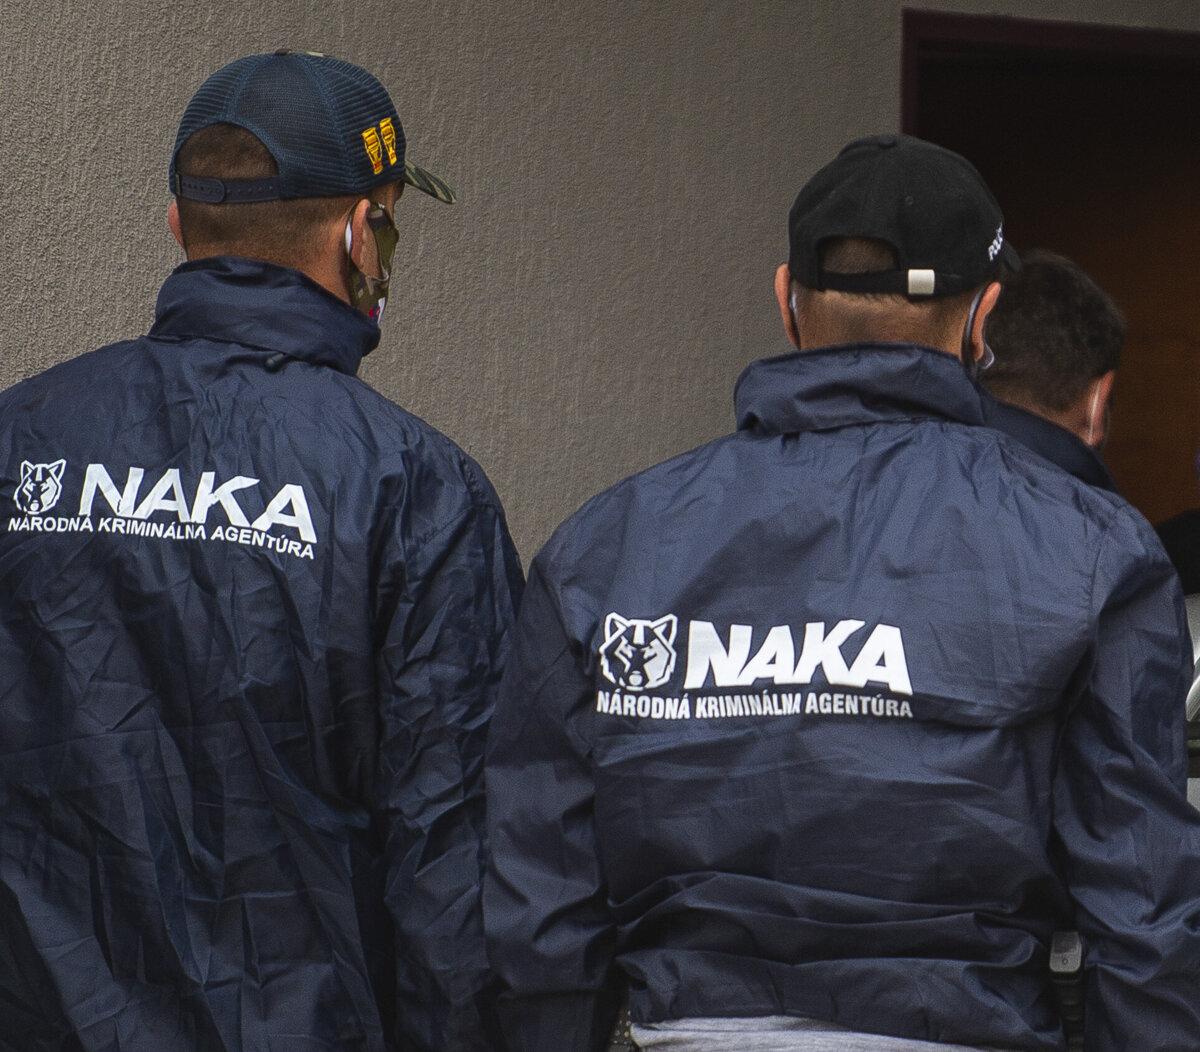 Obvinenie ľudí z NAKA sa týka takáčovcov, vyšetrovatelia prespia v cele - SME